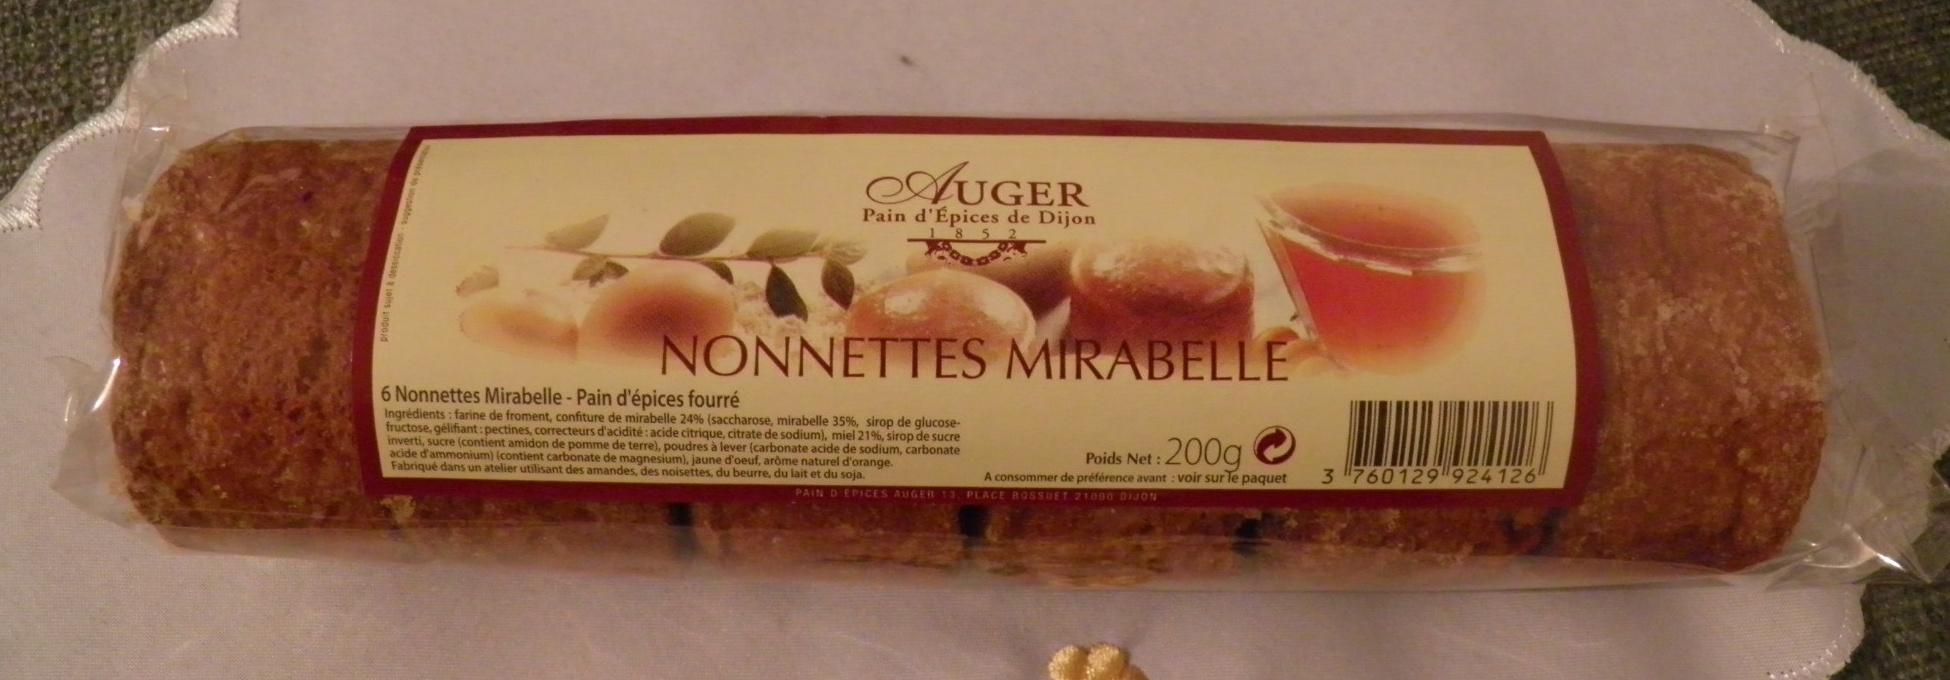 Nonnettes Mirabelle Auger - Product - fr